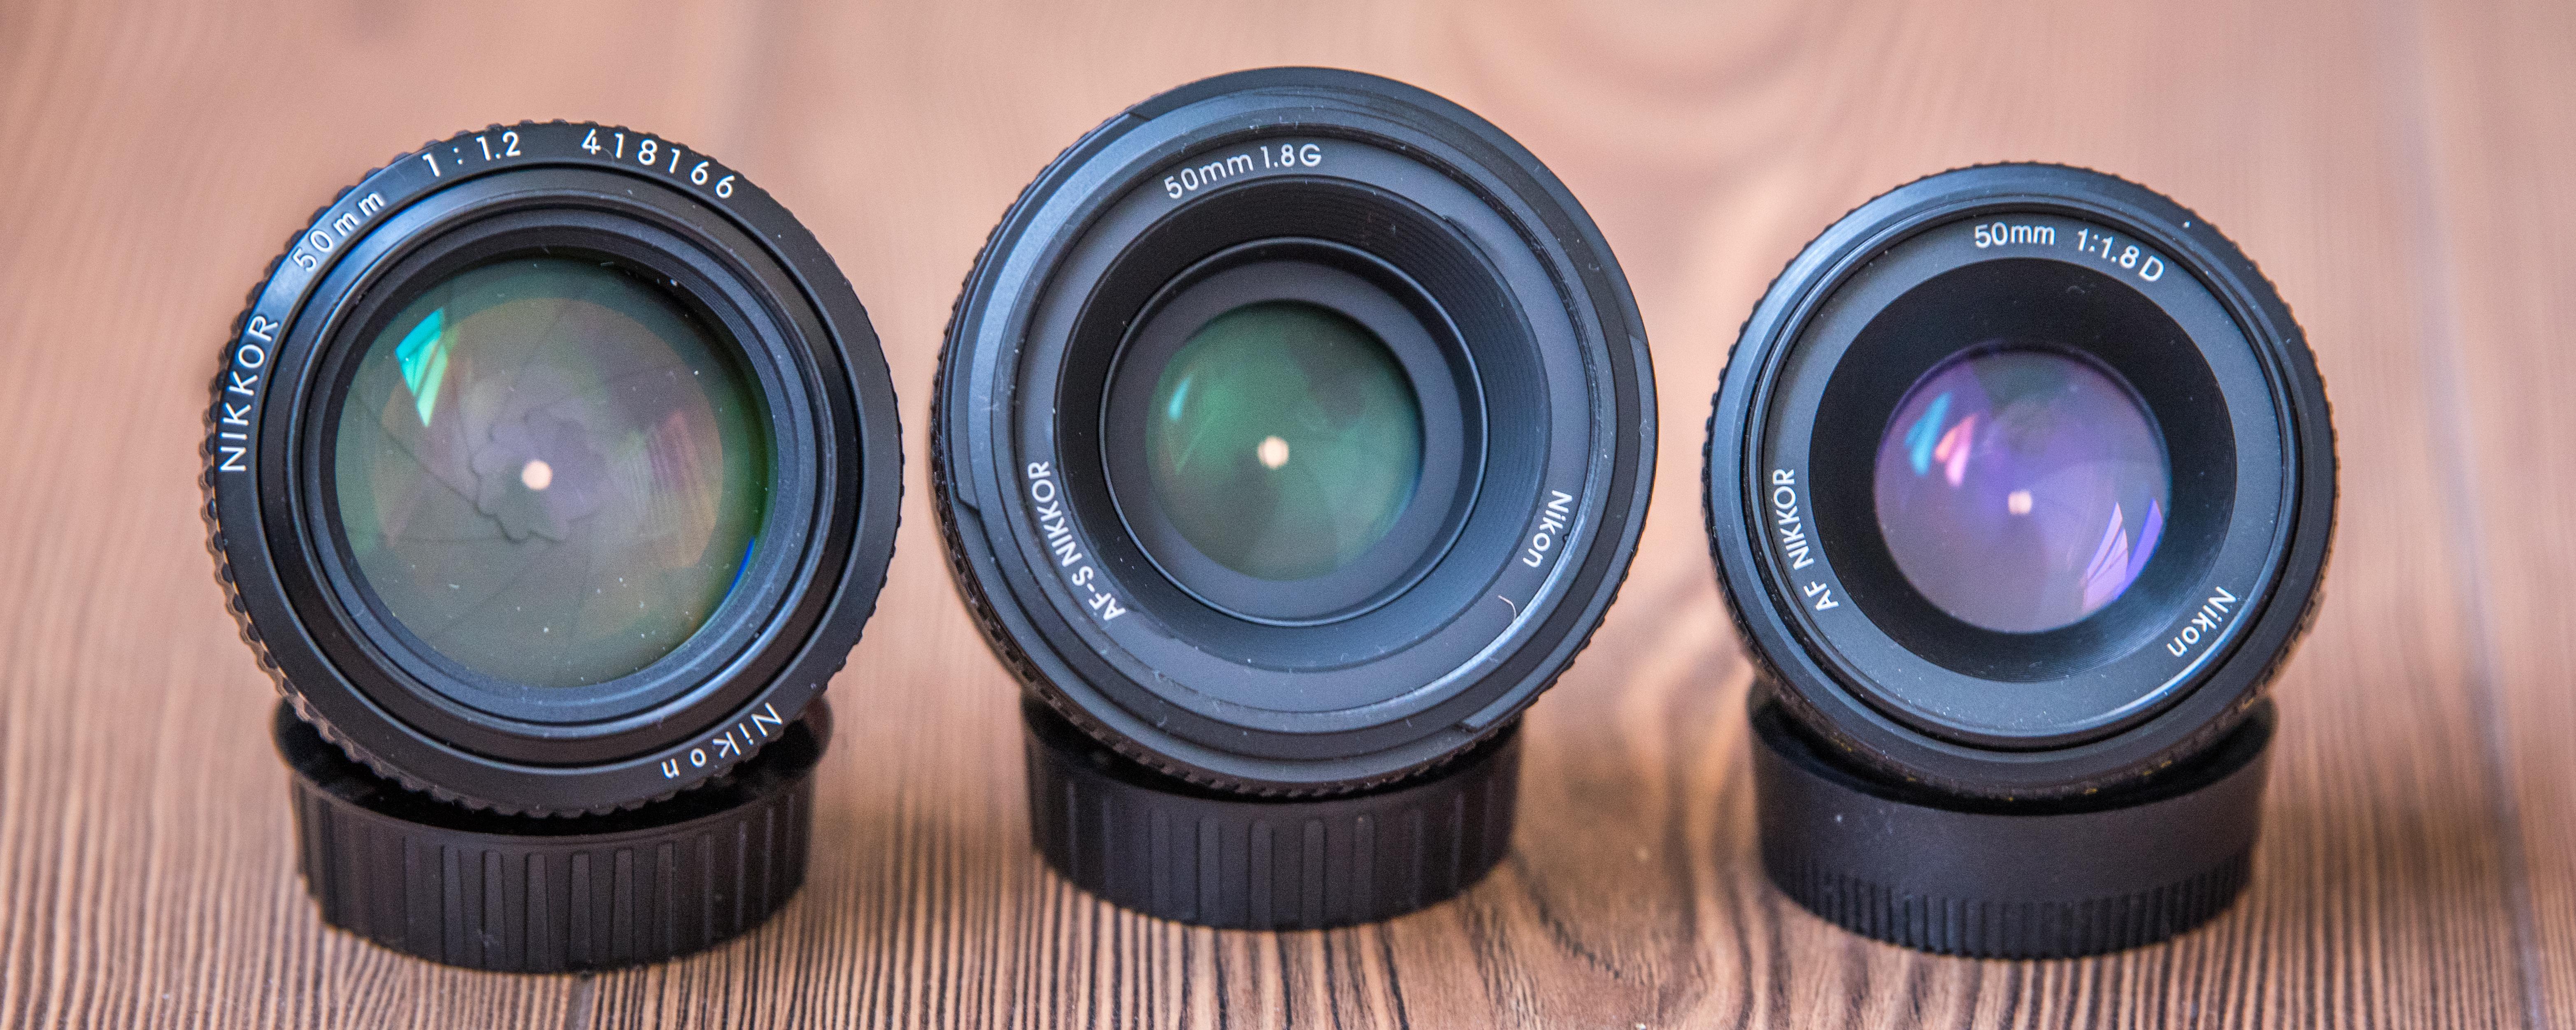 Re Nikon Af Nikkor 50mm F 18d Slr Lens Talk Forum Digital View Original Size